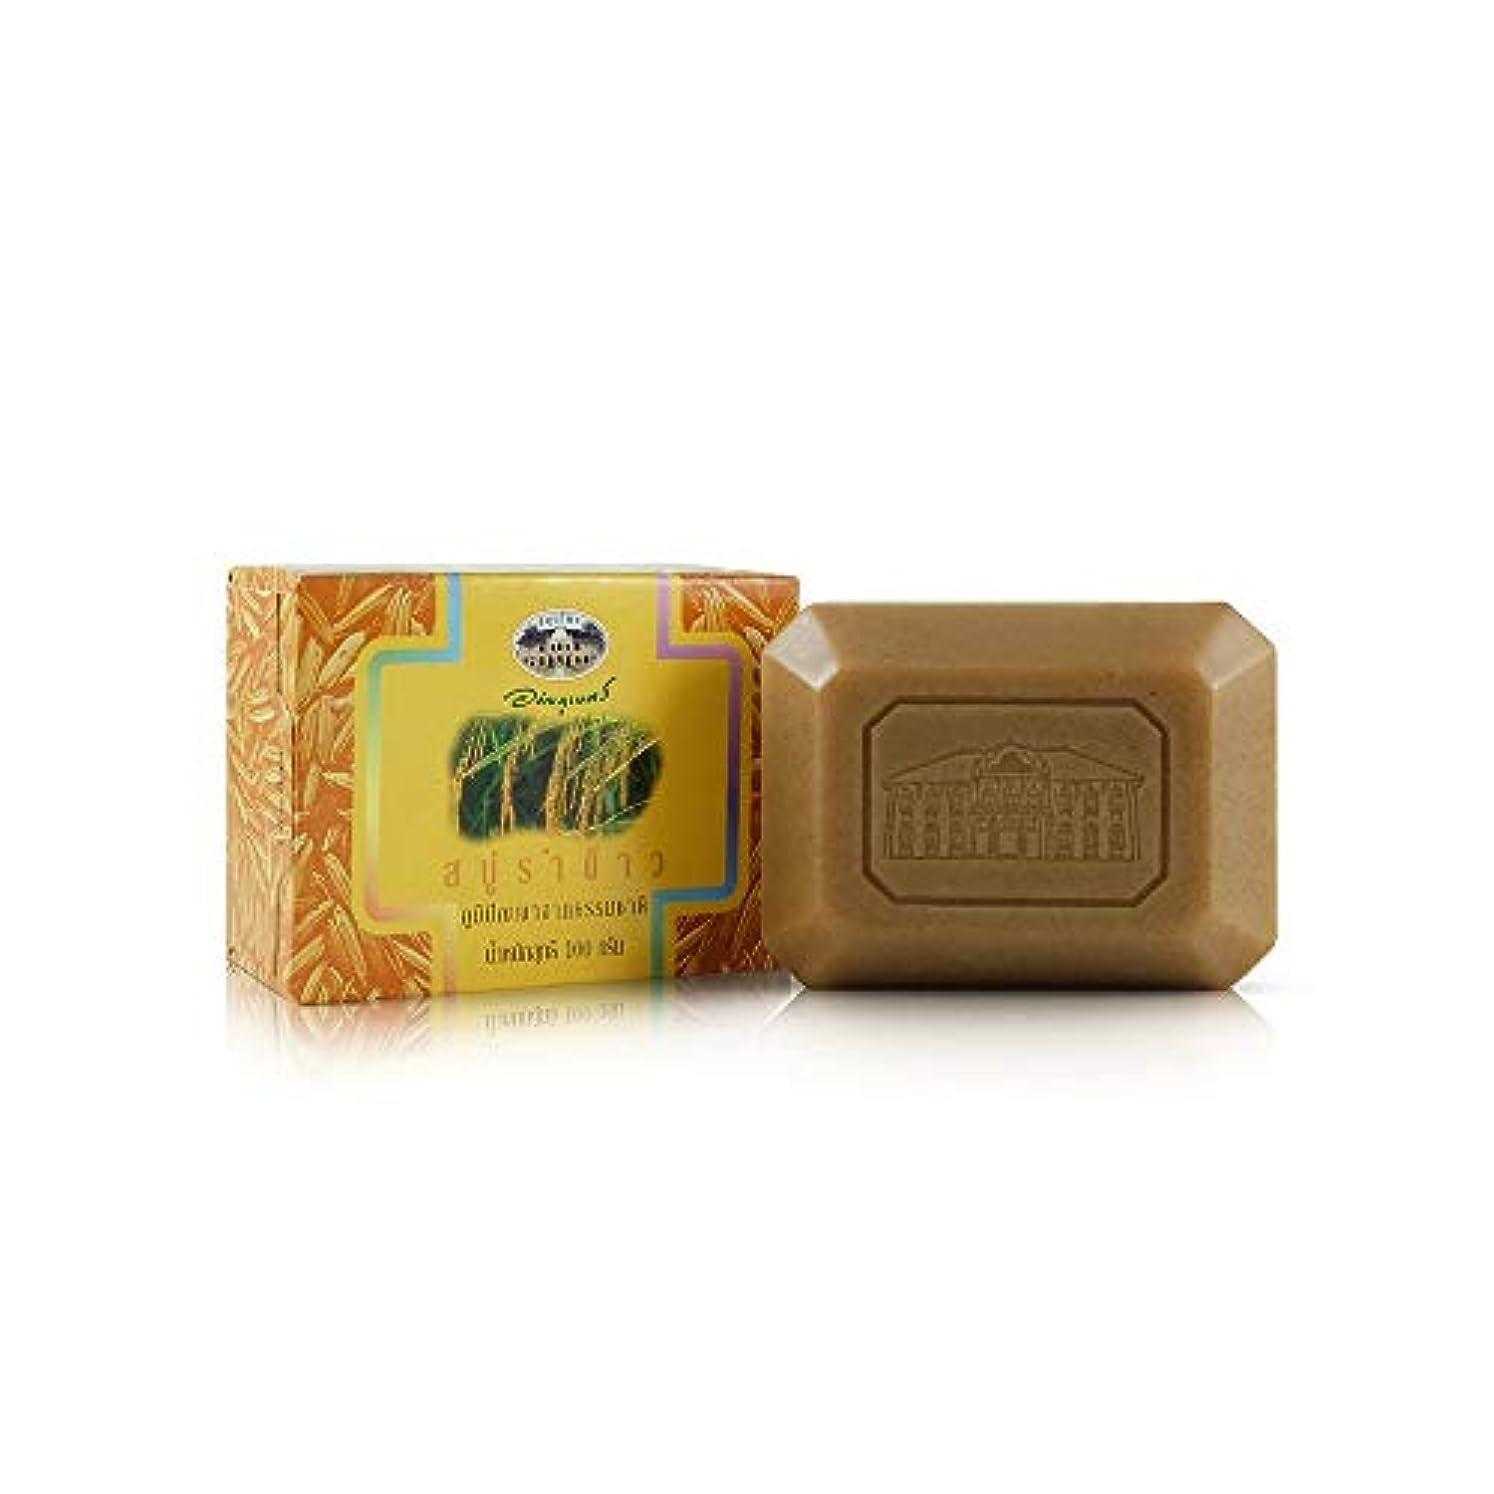 うそつきお香名詞Abhaibhubejhr Rice Bran Herbal Body Cleansing Soap 100g. Abhaibhubejhrライスブランハーブボディクレンジングソープ100グラム。